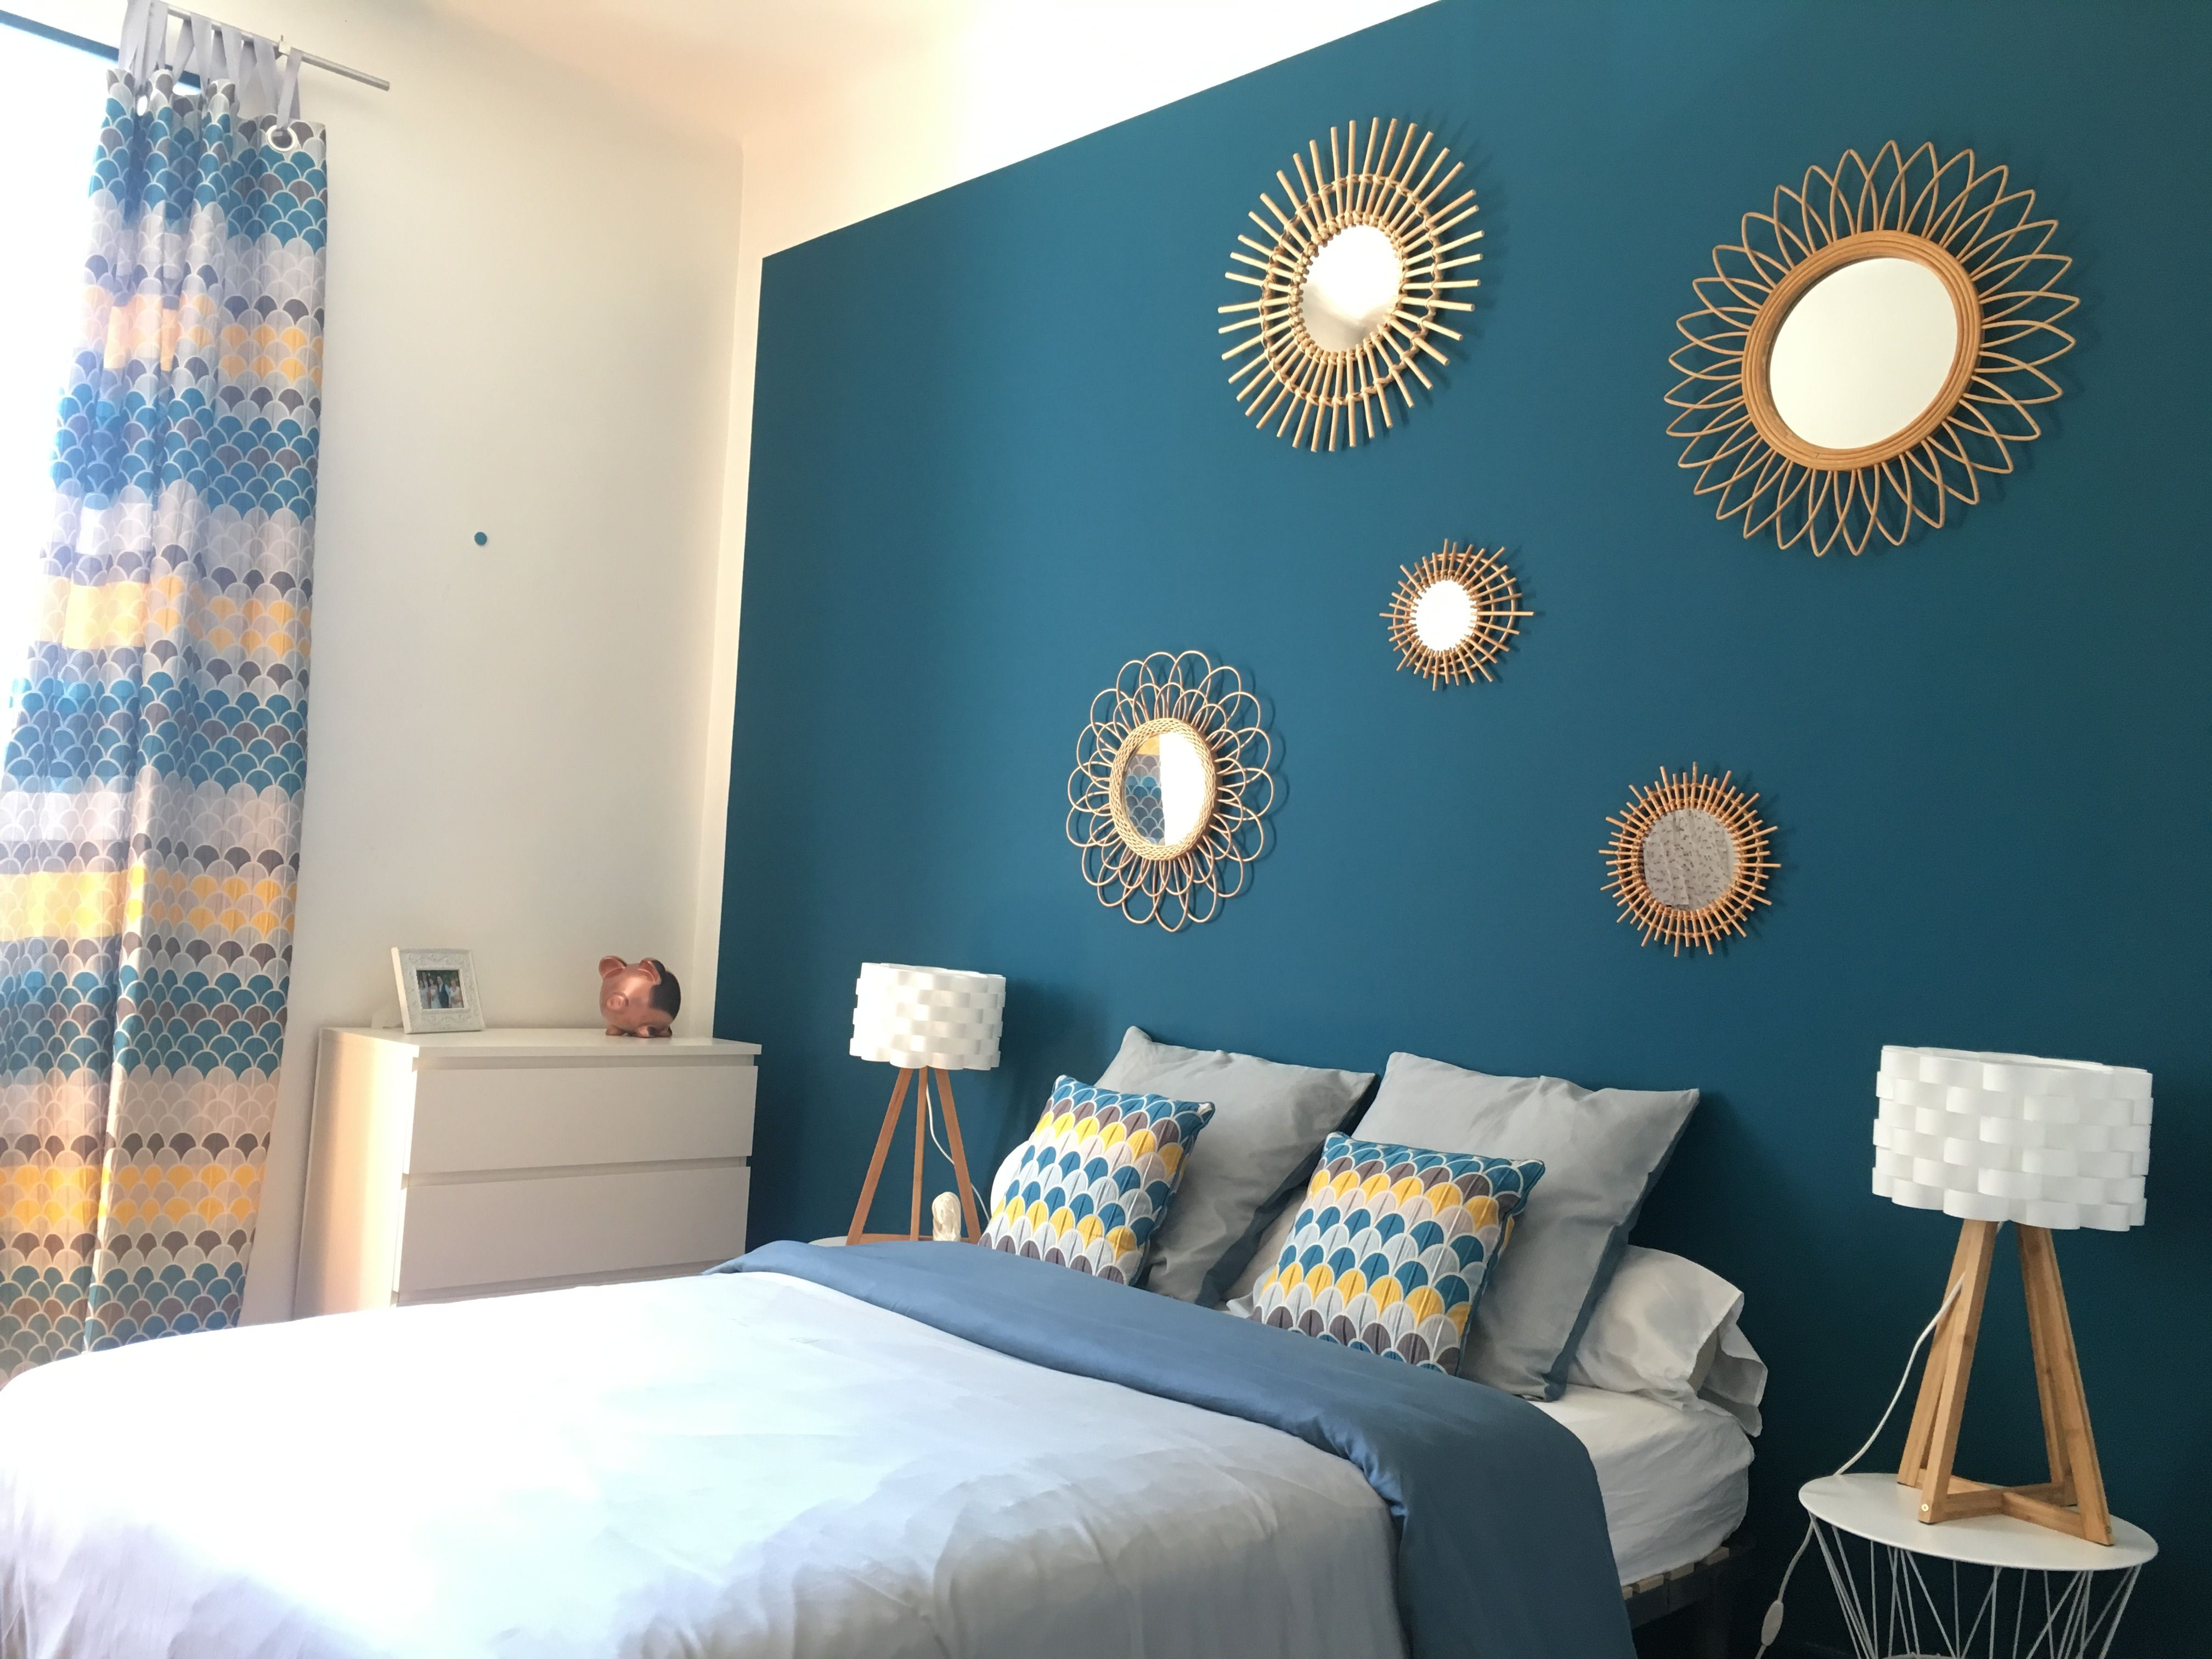 Épinglé par Marta sur Décoration chambre, bleu pétrole, miroirs en